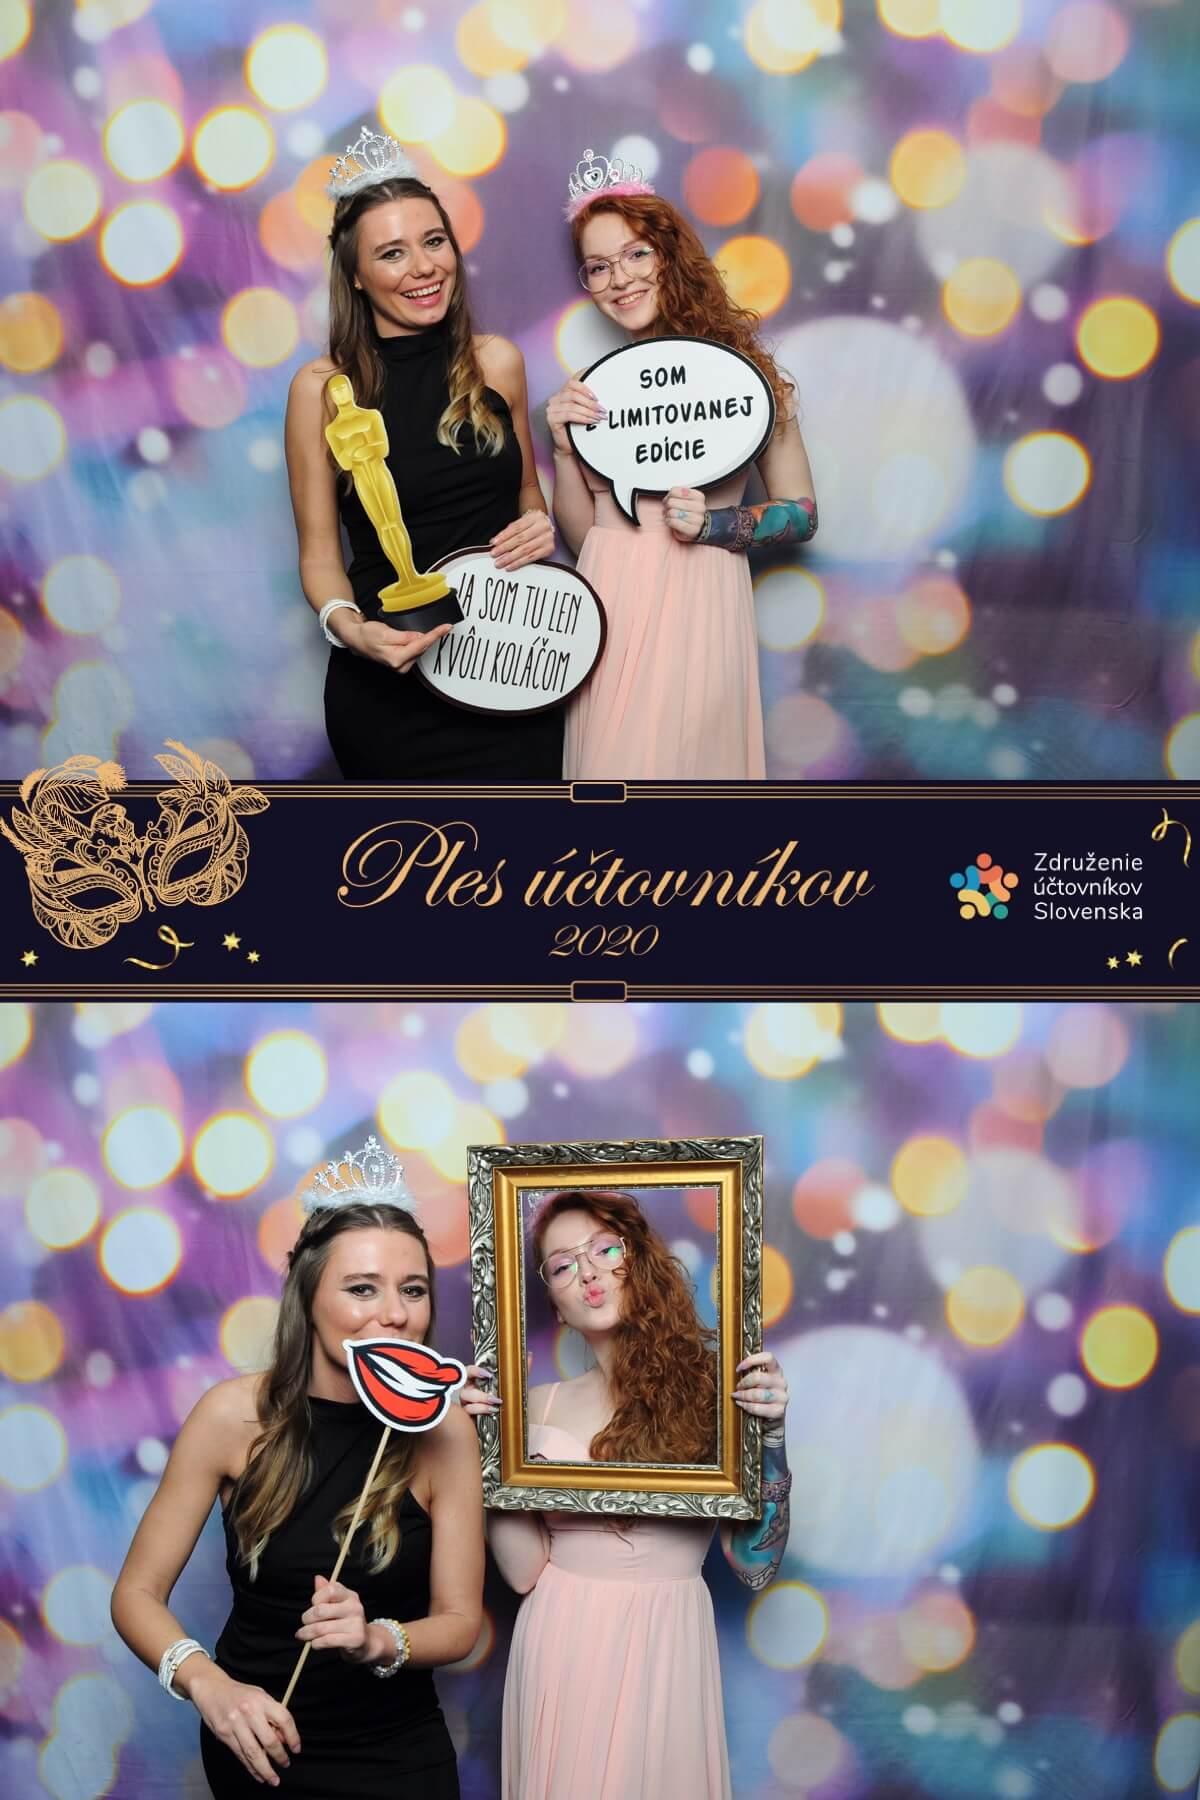 fotobudka na ples bratislava